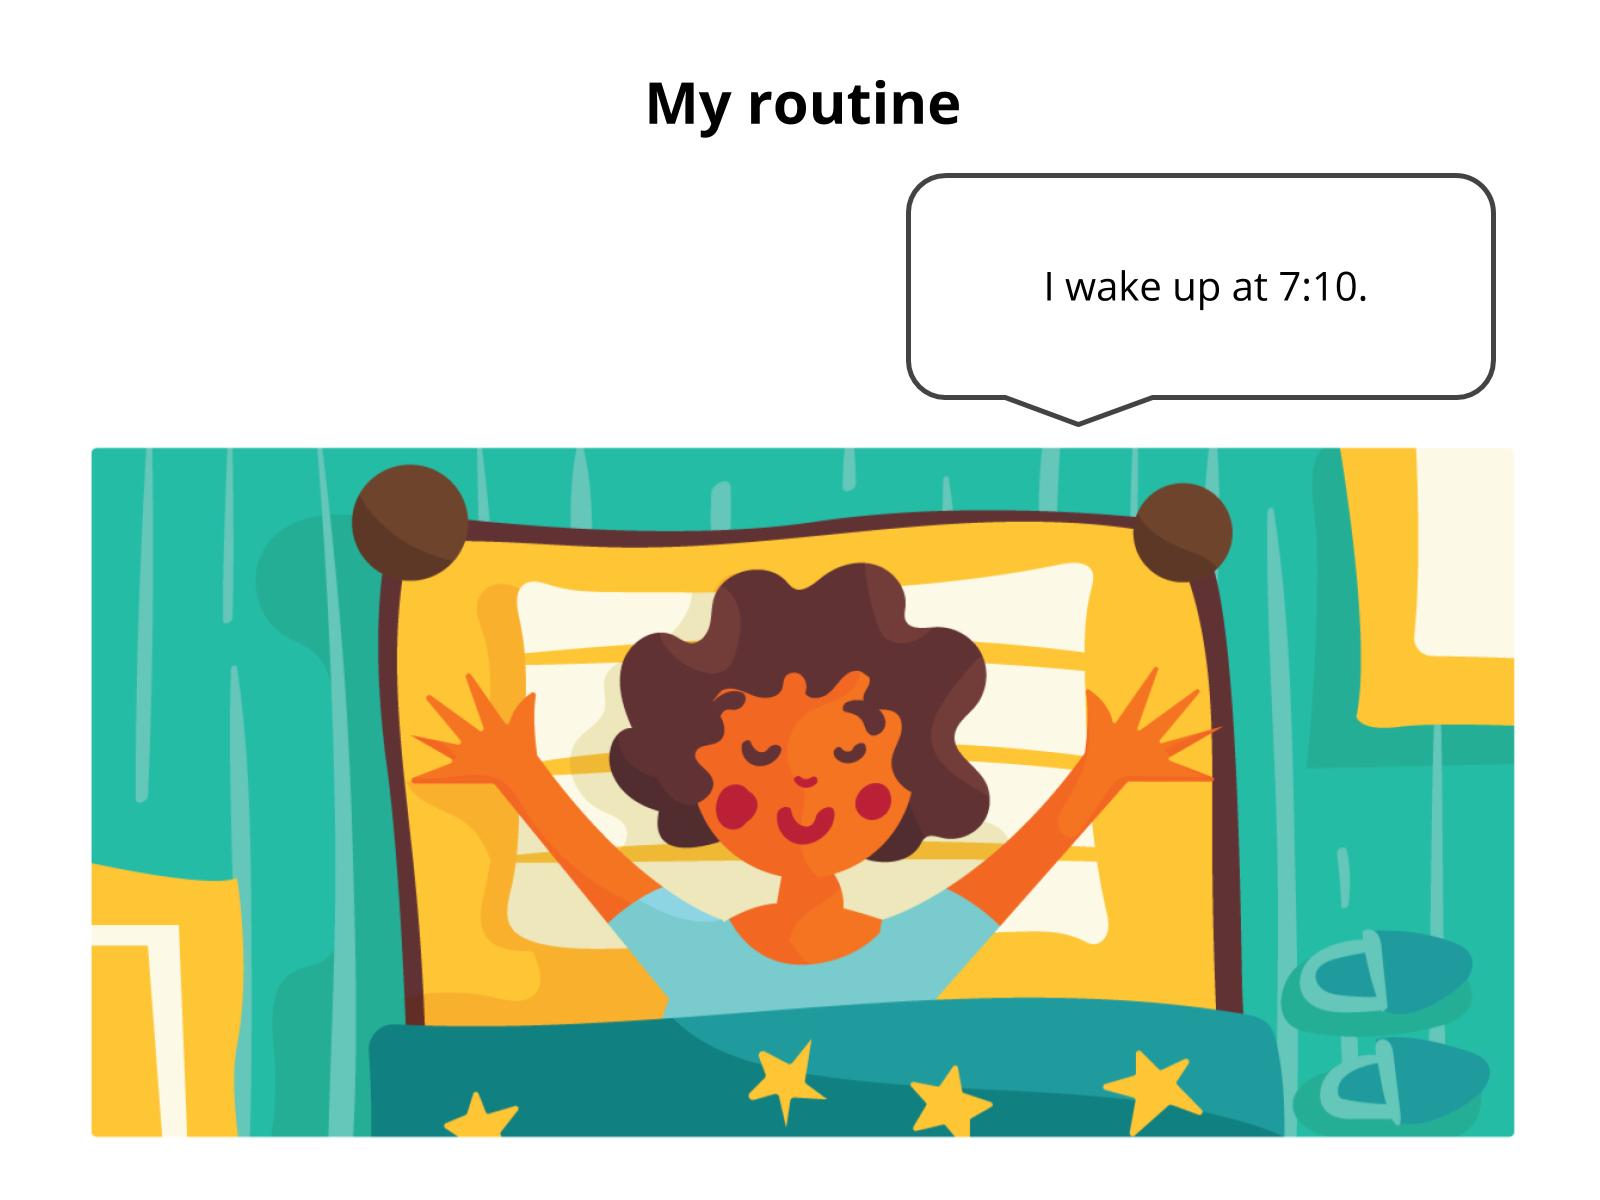 Falar sobre atividades diárias.